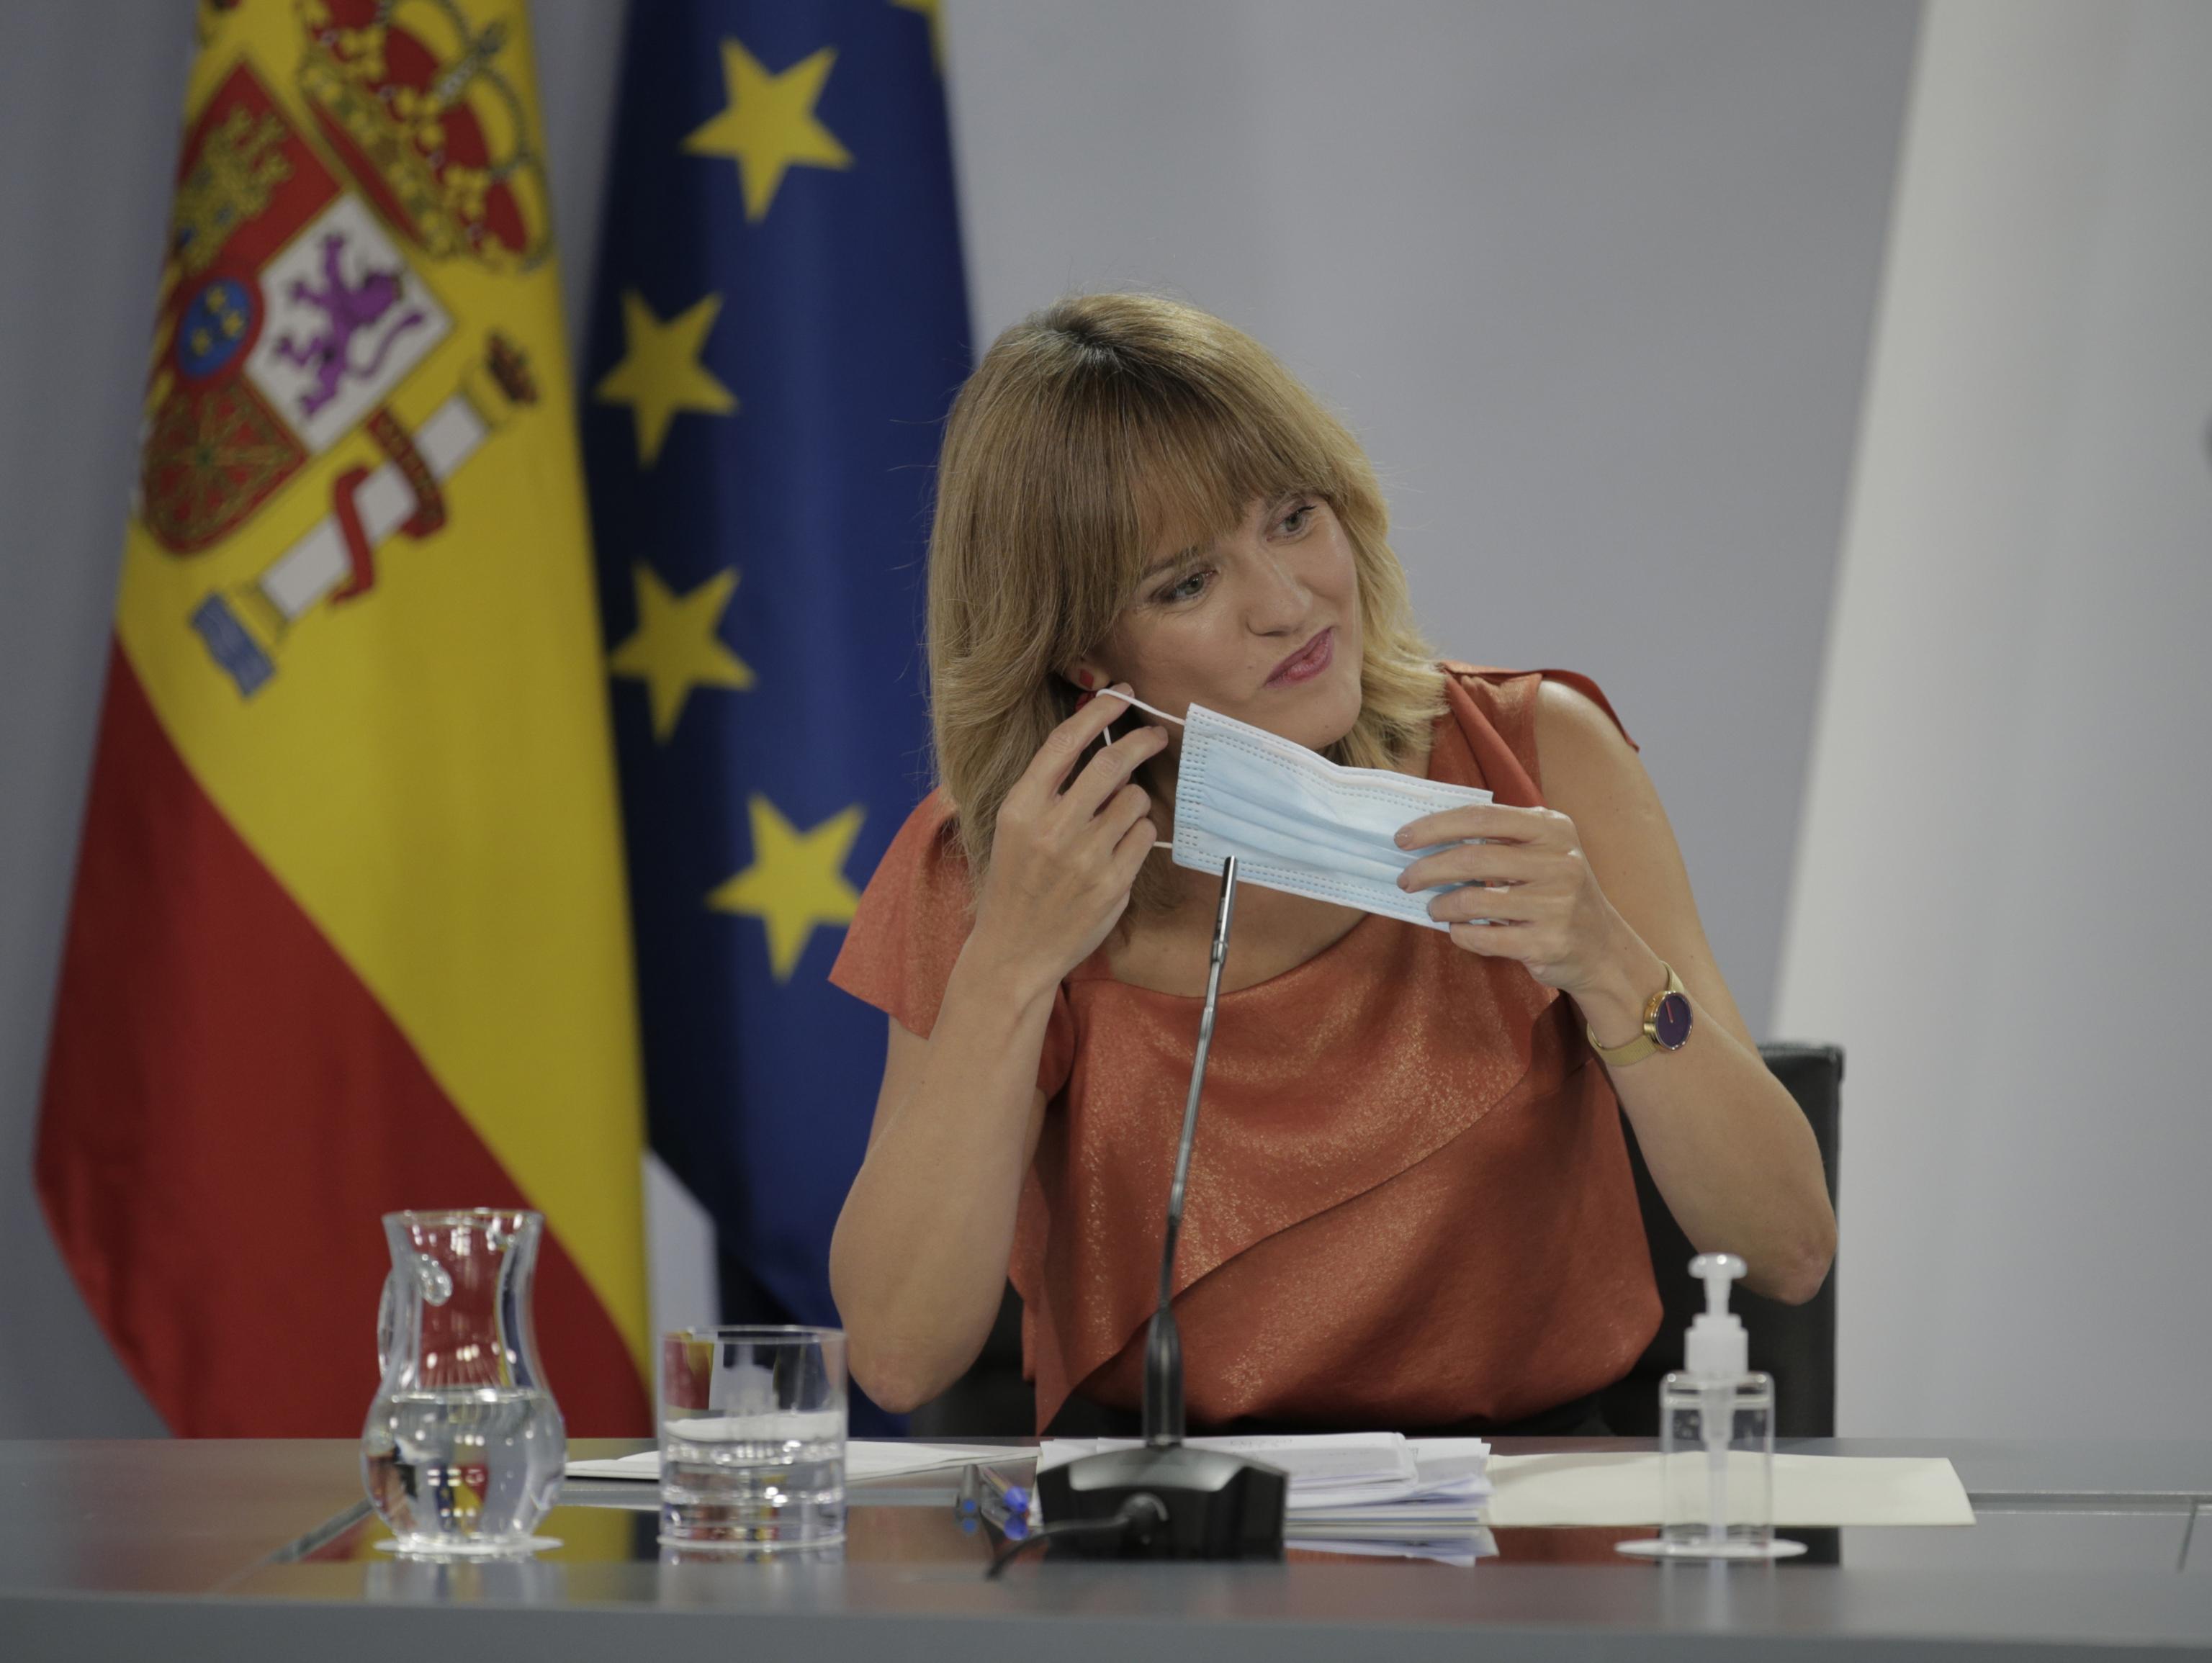 La ministra de Educación y Formación Profesional, Pilar Alegría.